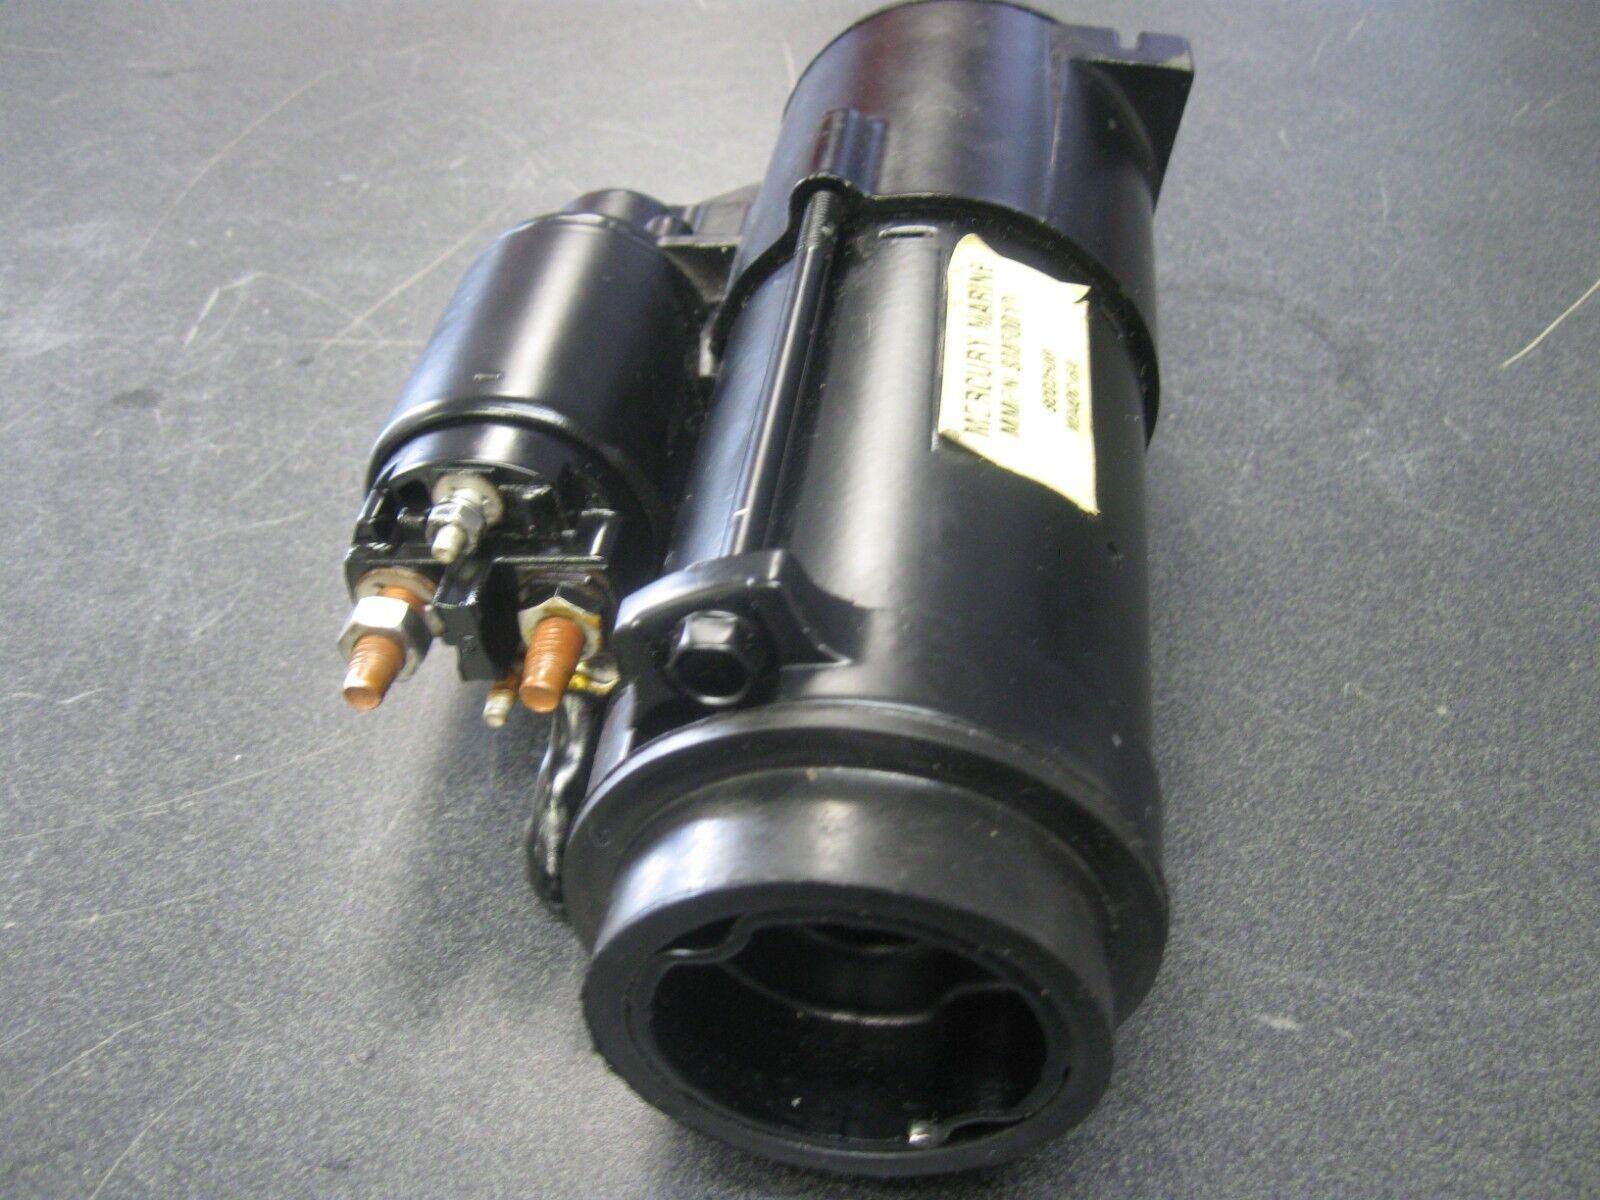 Mercury Außenborder Außenborder Mercury Anlasser Assy 892339T01 de5449